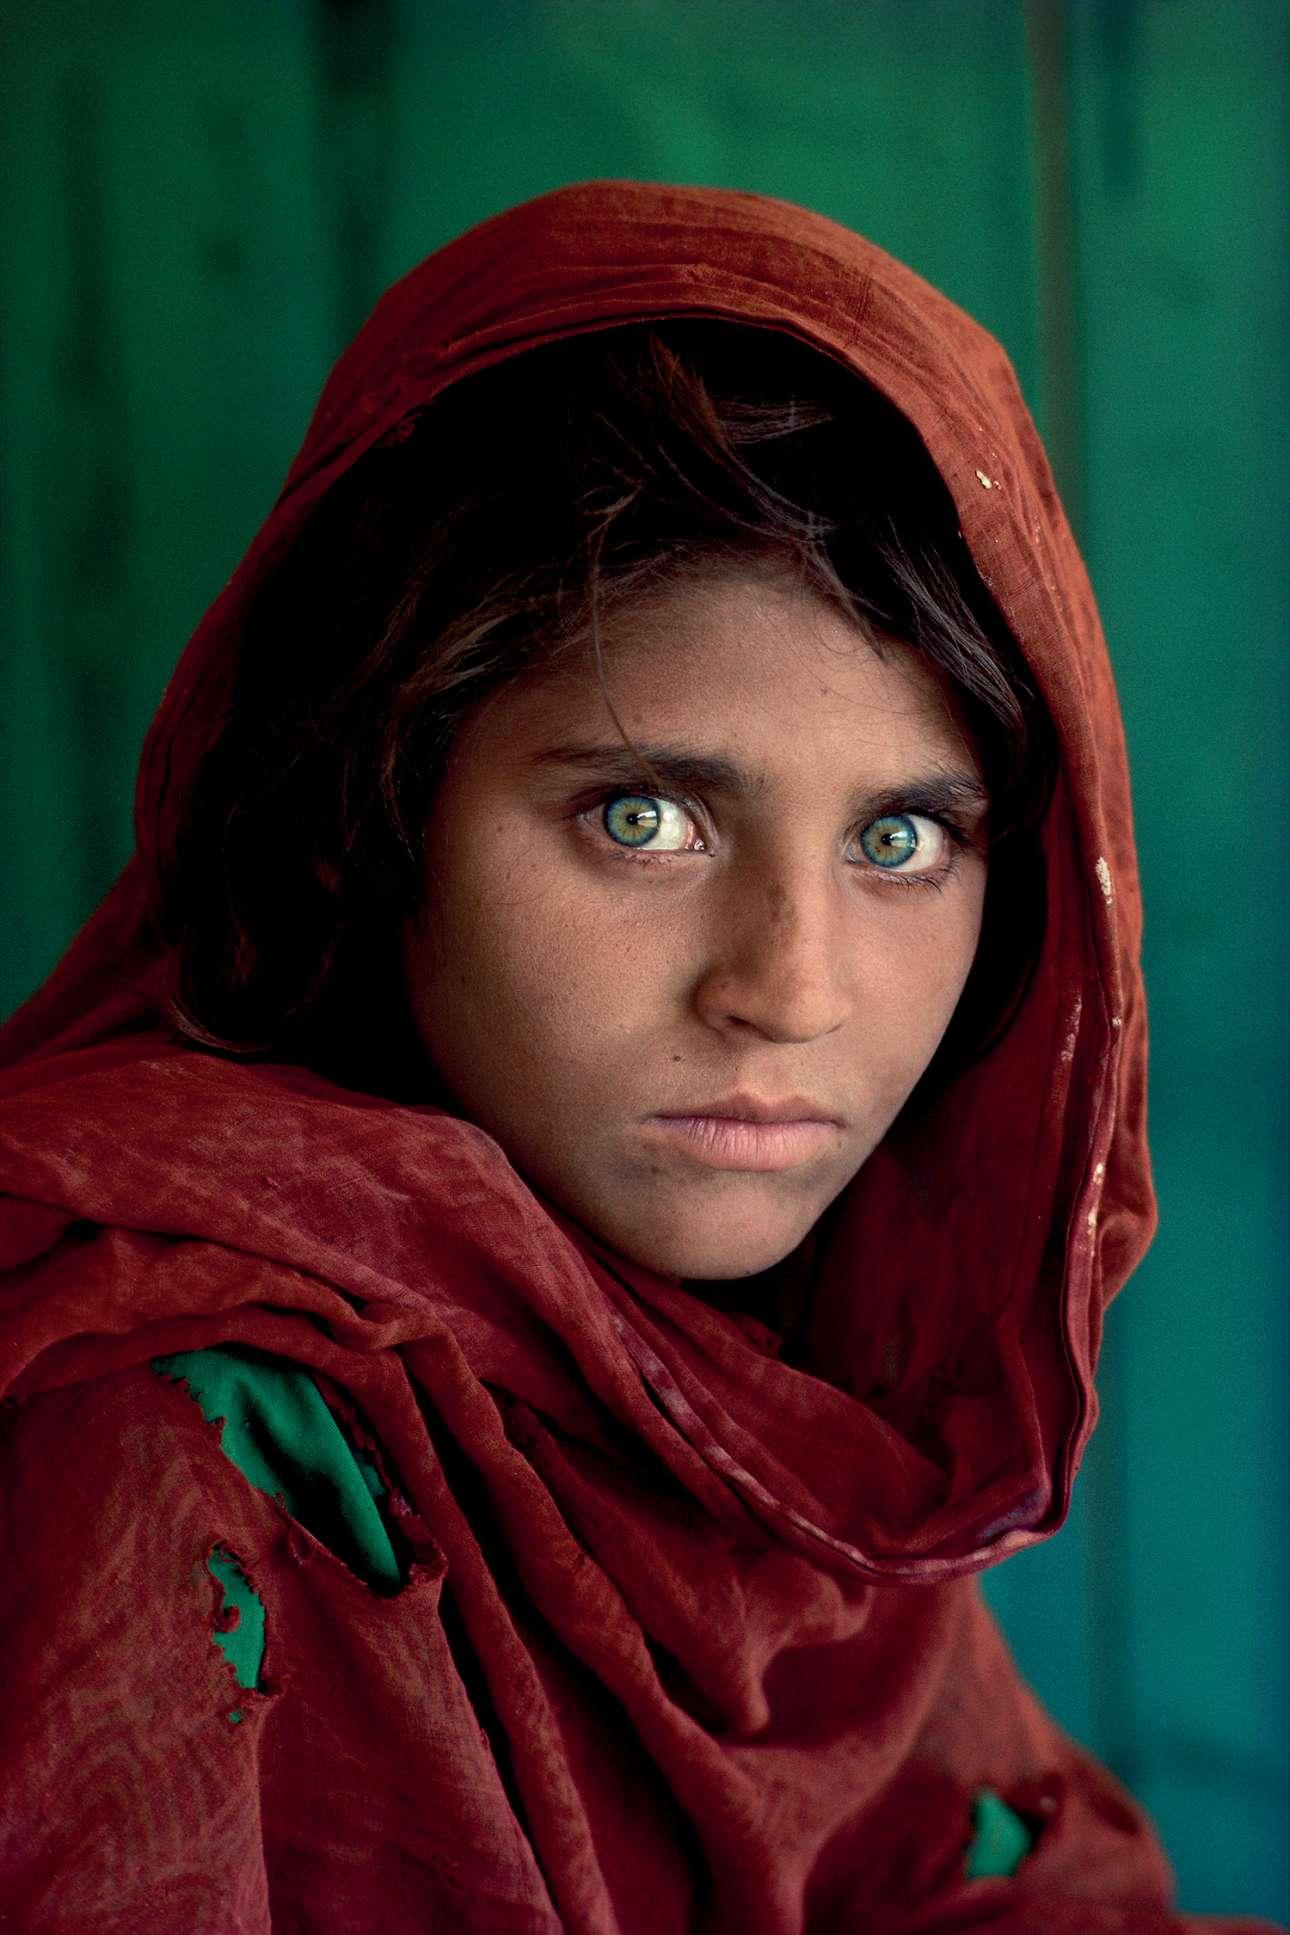 Από τις πιο εμβληματικές εικόνες του Μακ Κάρι, «Το Κορίτσι του Αφγανιστάν»: η δεκάχρονη Σαρμπάτ Γκούλα με το διαπεραστικό βλέμμα -πρόσφυγας που συνάντησε ο Μακ Κάρι σε καταυλισμό του Πακιστάν- έγινε σύμβολο του υπό σοβιετική κατοχή Αφγανιστάν και εξώφυλλο του National Geographic, το 1984